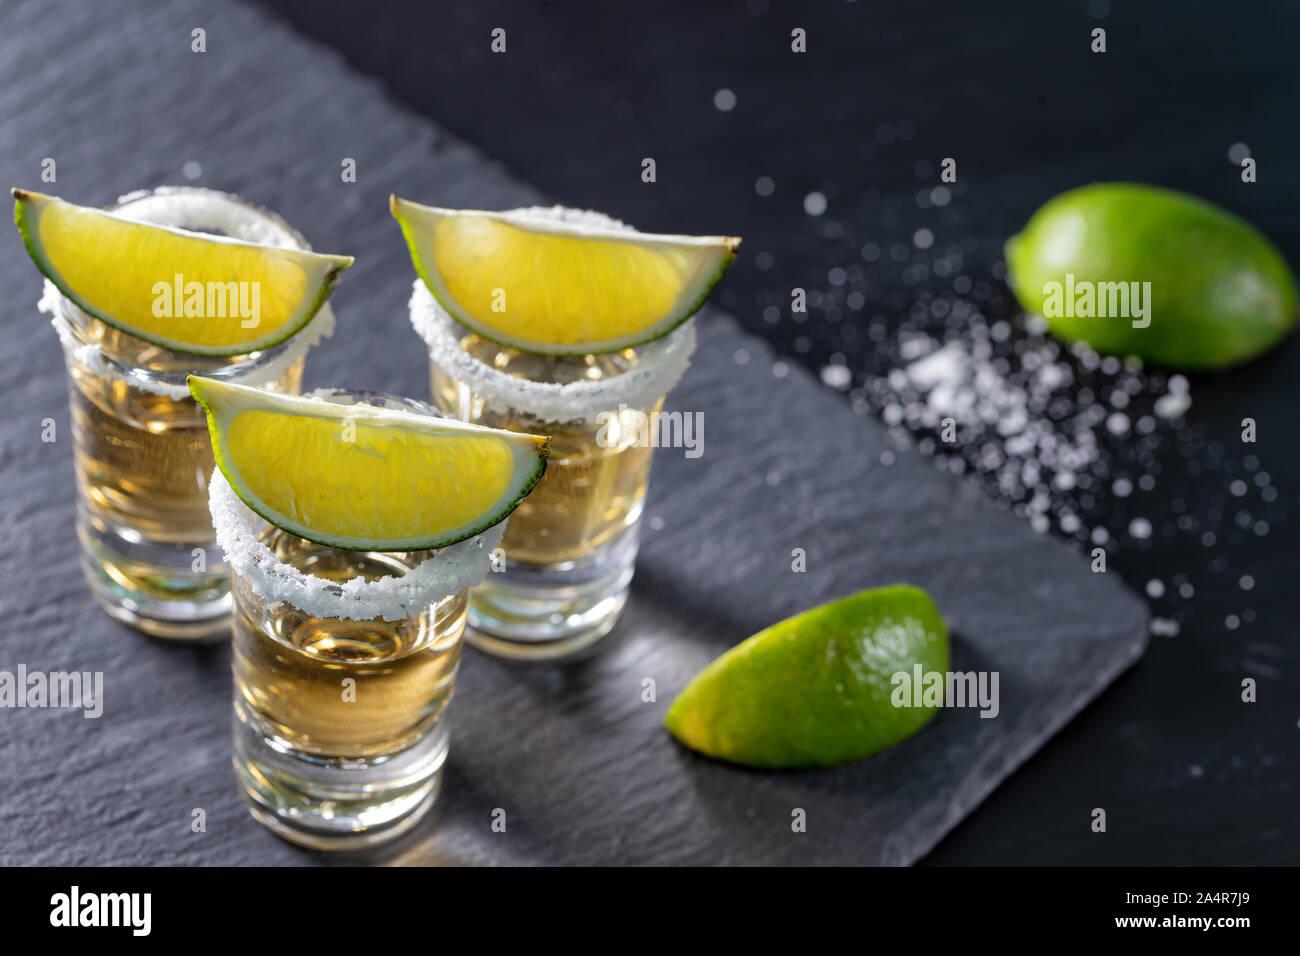 Trois verres de tequila mexicaine et de la chaux sur fond sombre Banque D'Images